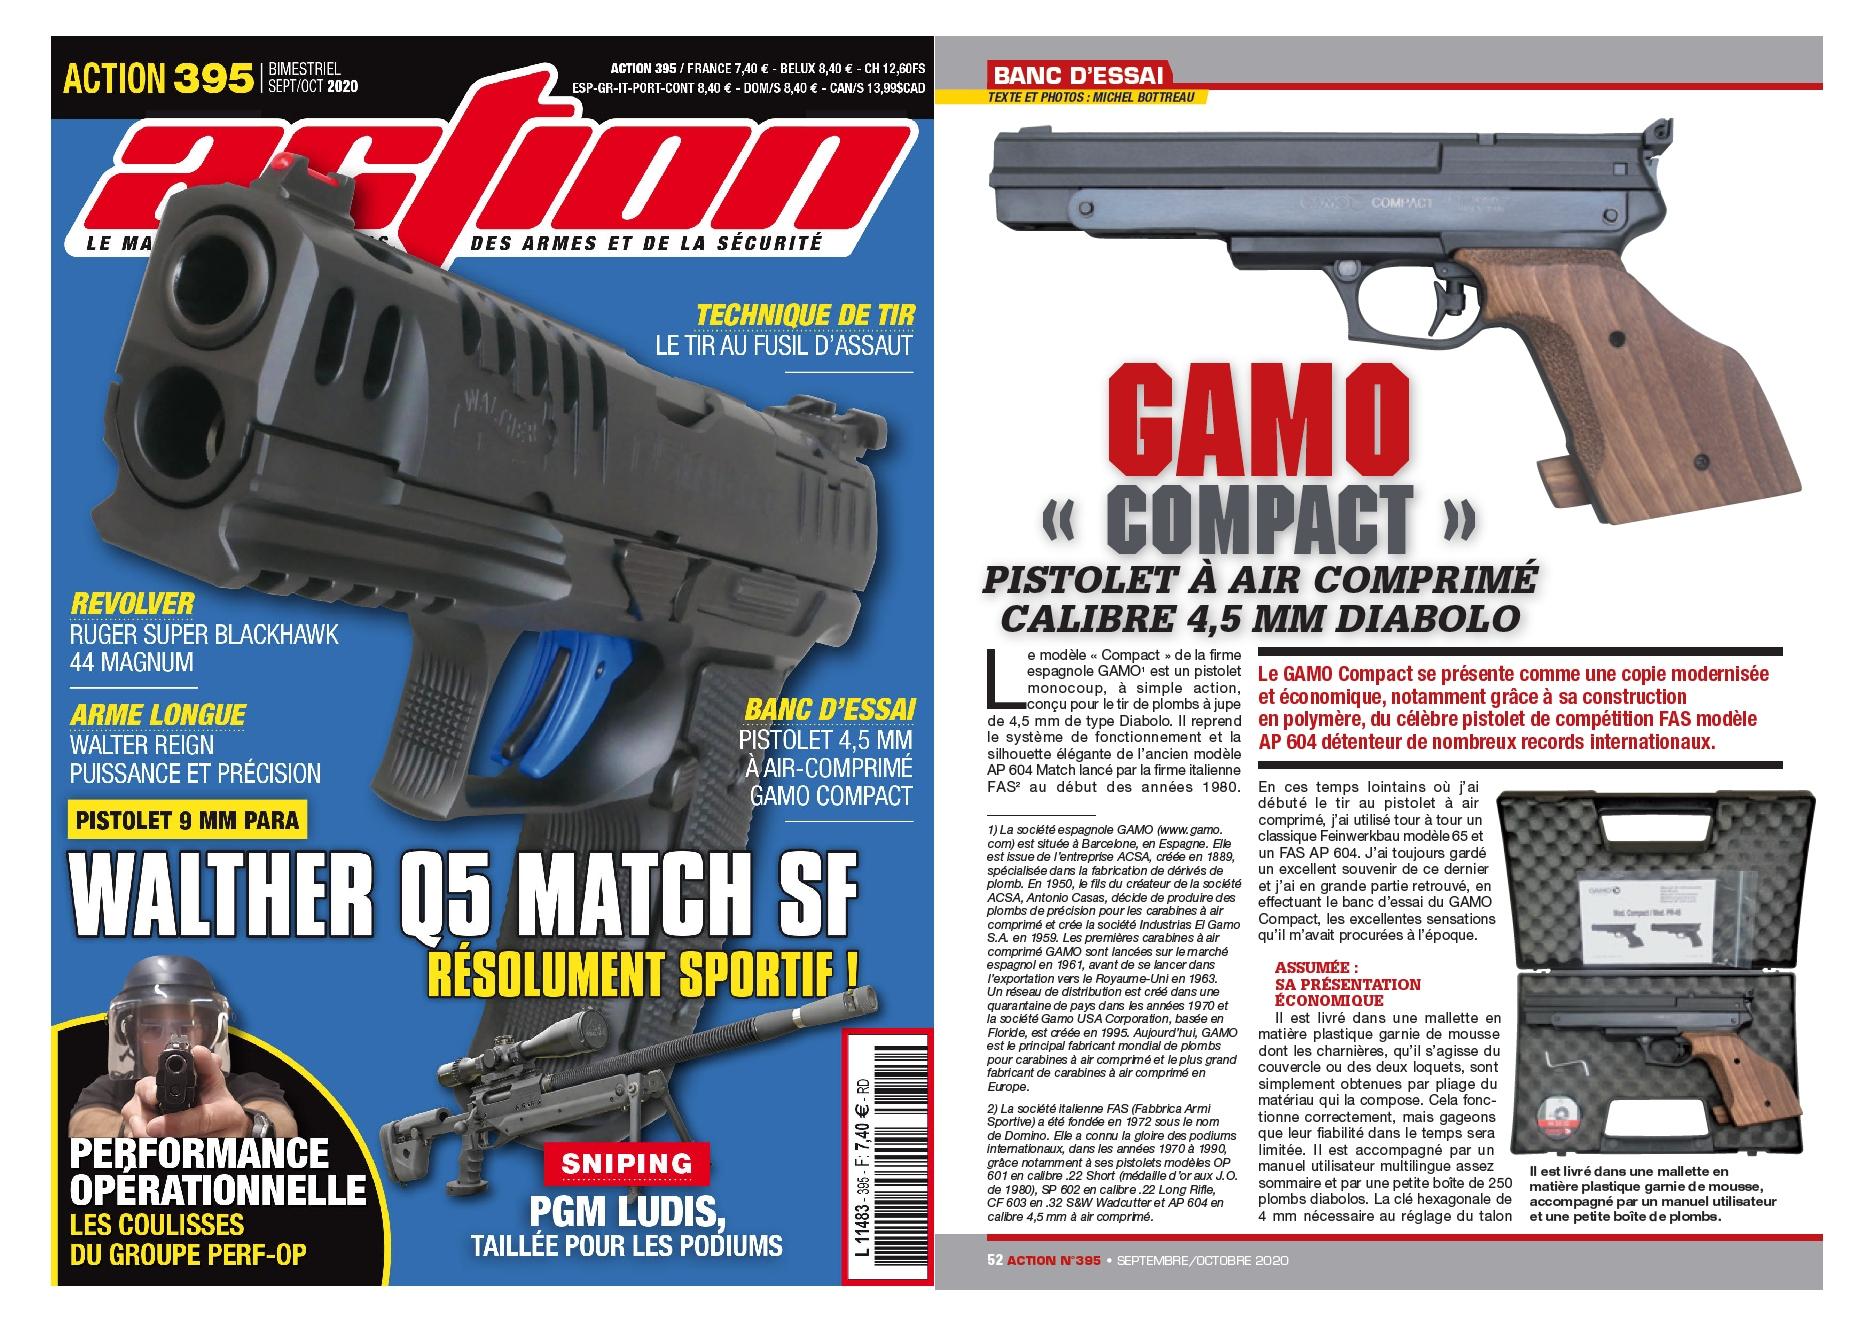 Le banc d'essai du pistolet à air comprimé GAMO Compact a été publié sur 6 pages dans le magazine Action n°395 (septembre/octobre 2020).